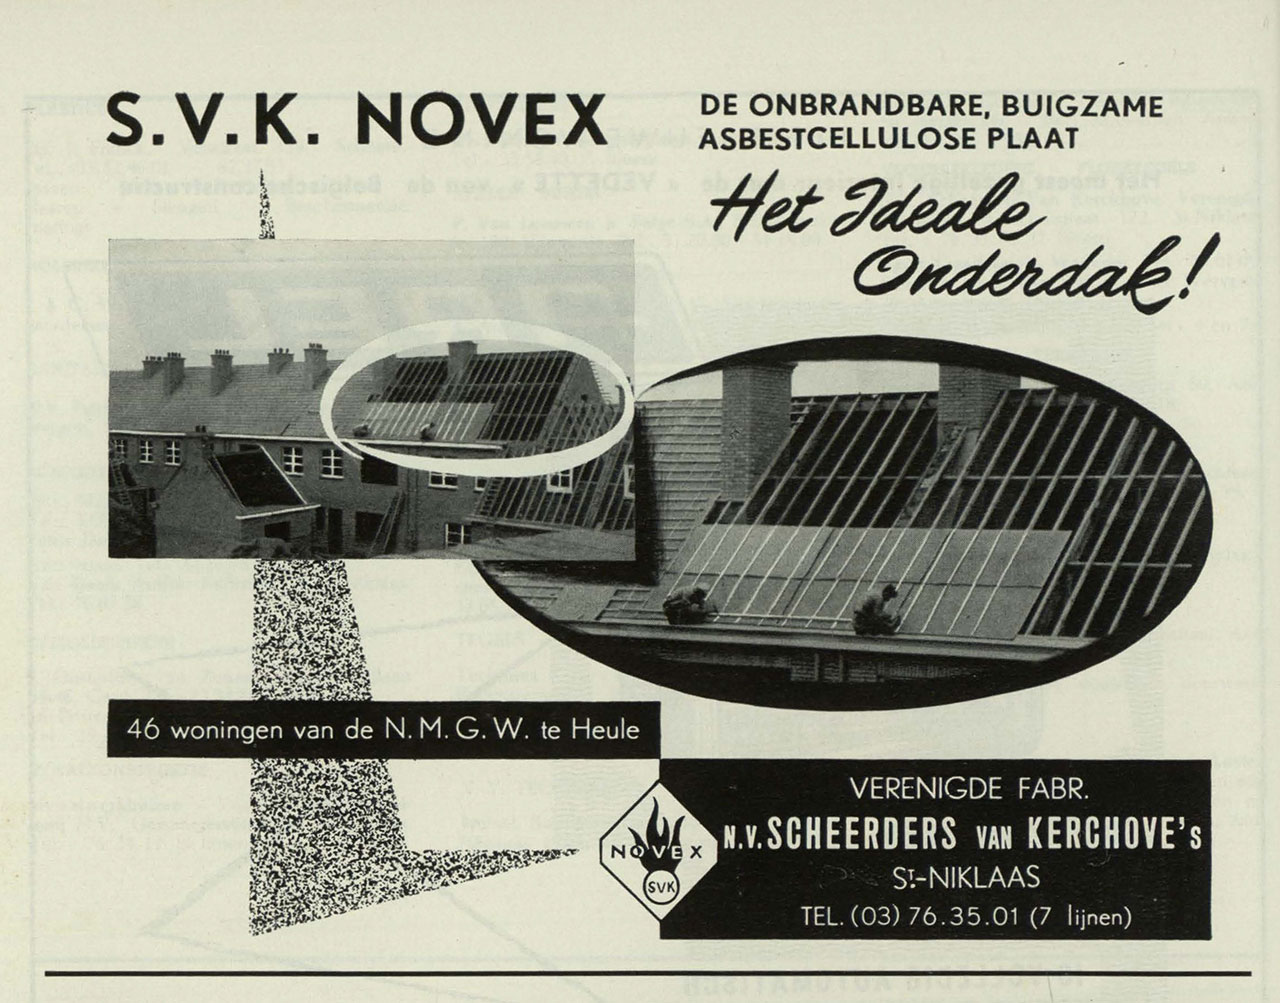 S.V.K. Novex